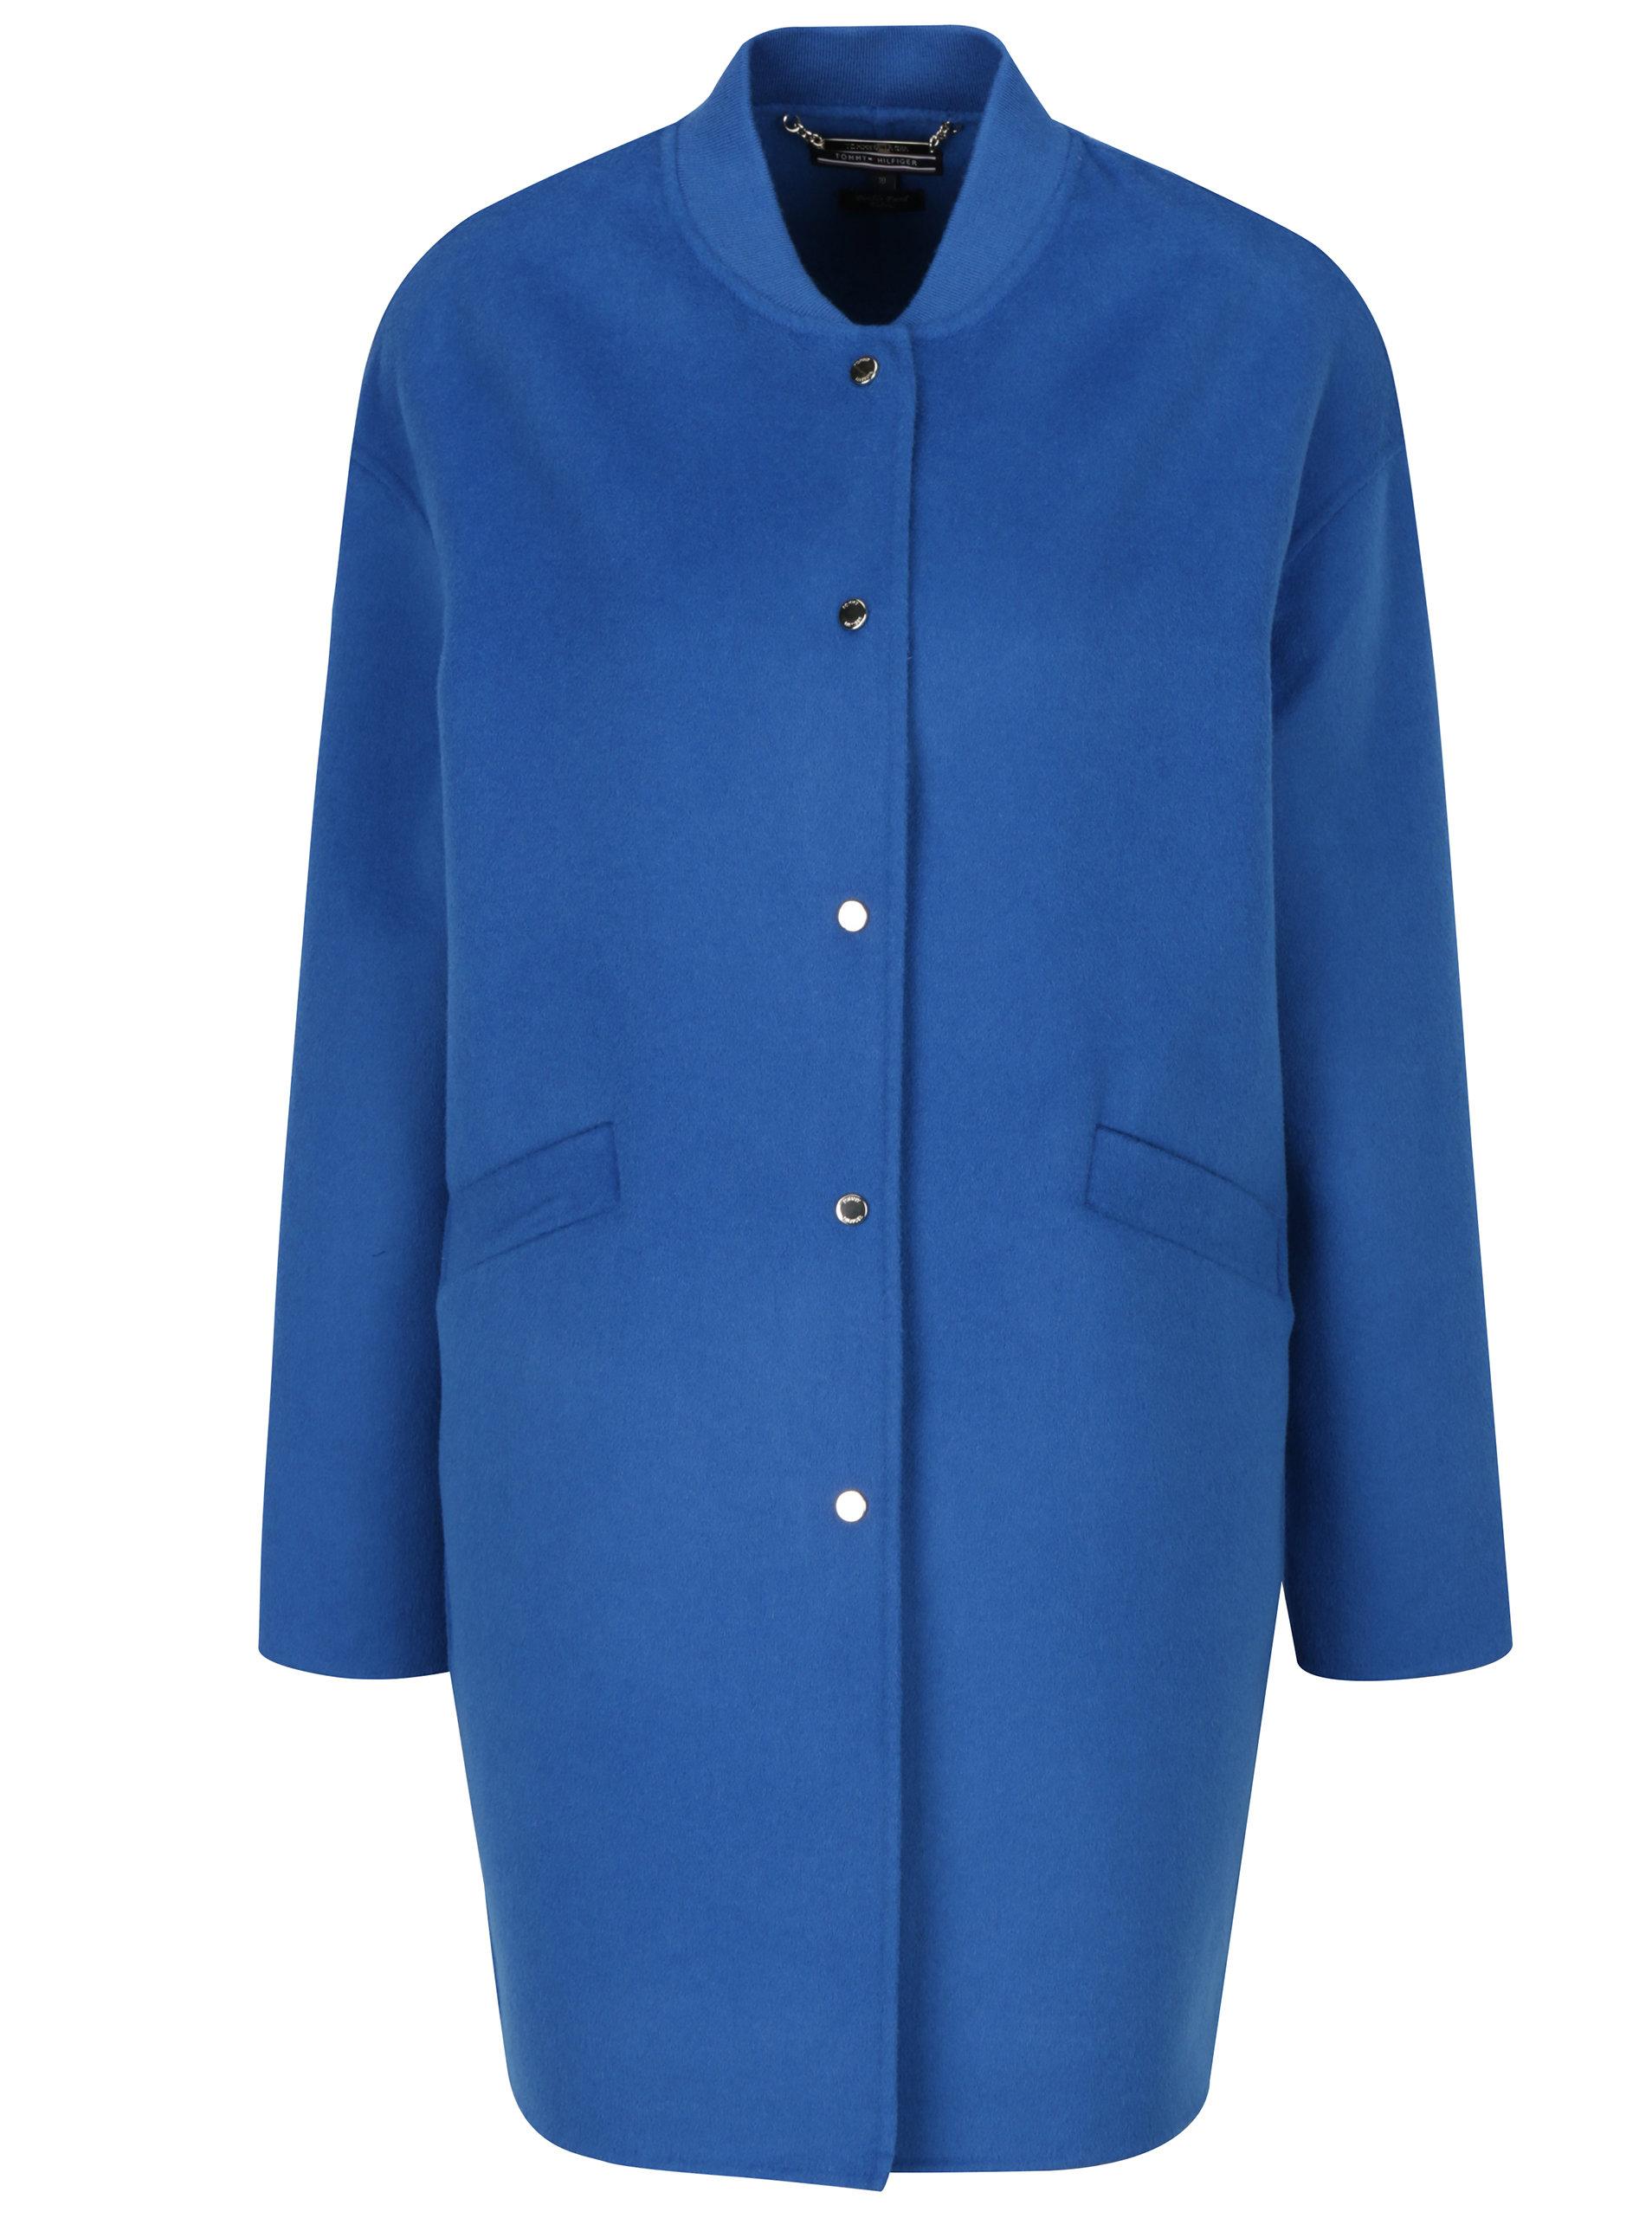 Modrý dámský lehký vlněný kabát Tommy Hilfiger ... 47baa9f4668